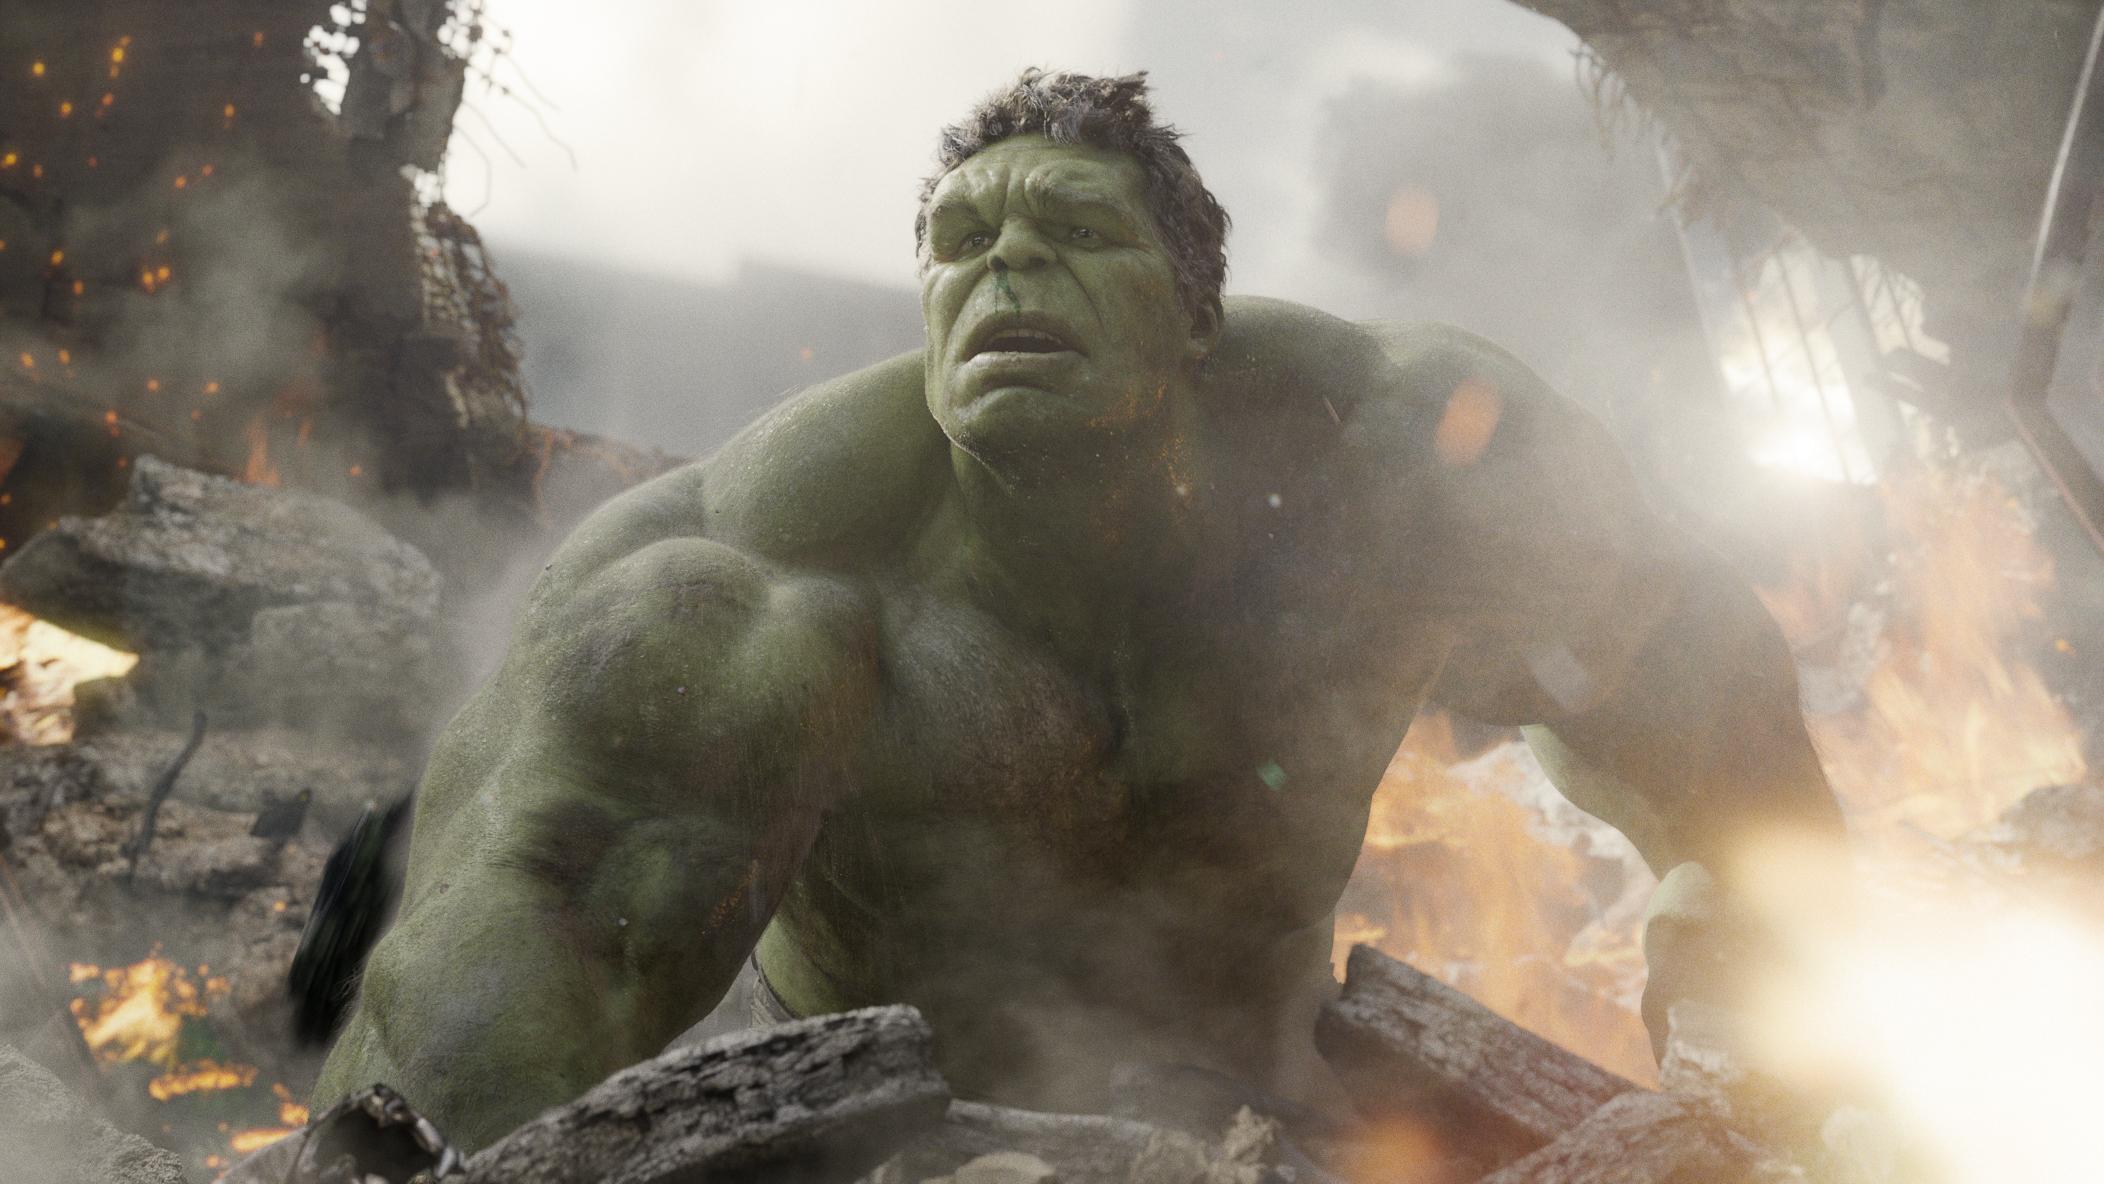 """""""Marvel's The Avengers"""" Hulk (Mark Ruffalo) © 2011 MVLFFLLC. TM & © 2011 Marvel. All Rights Reserved."""